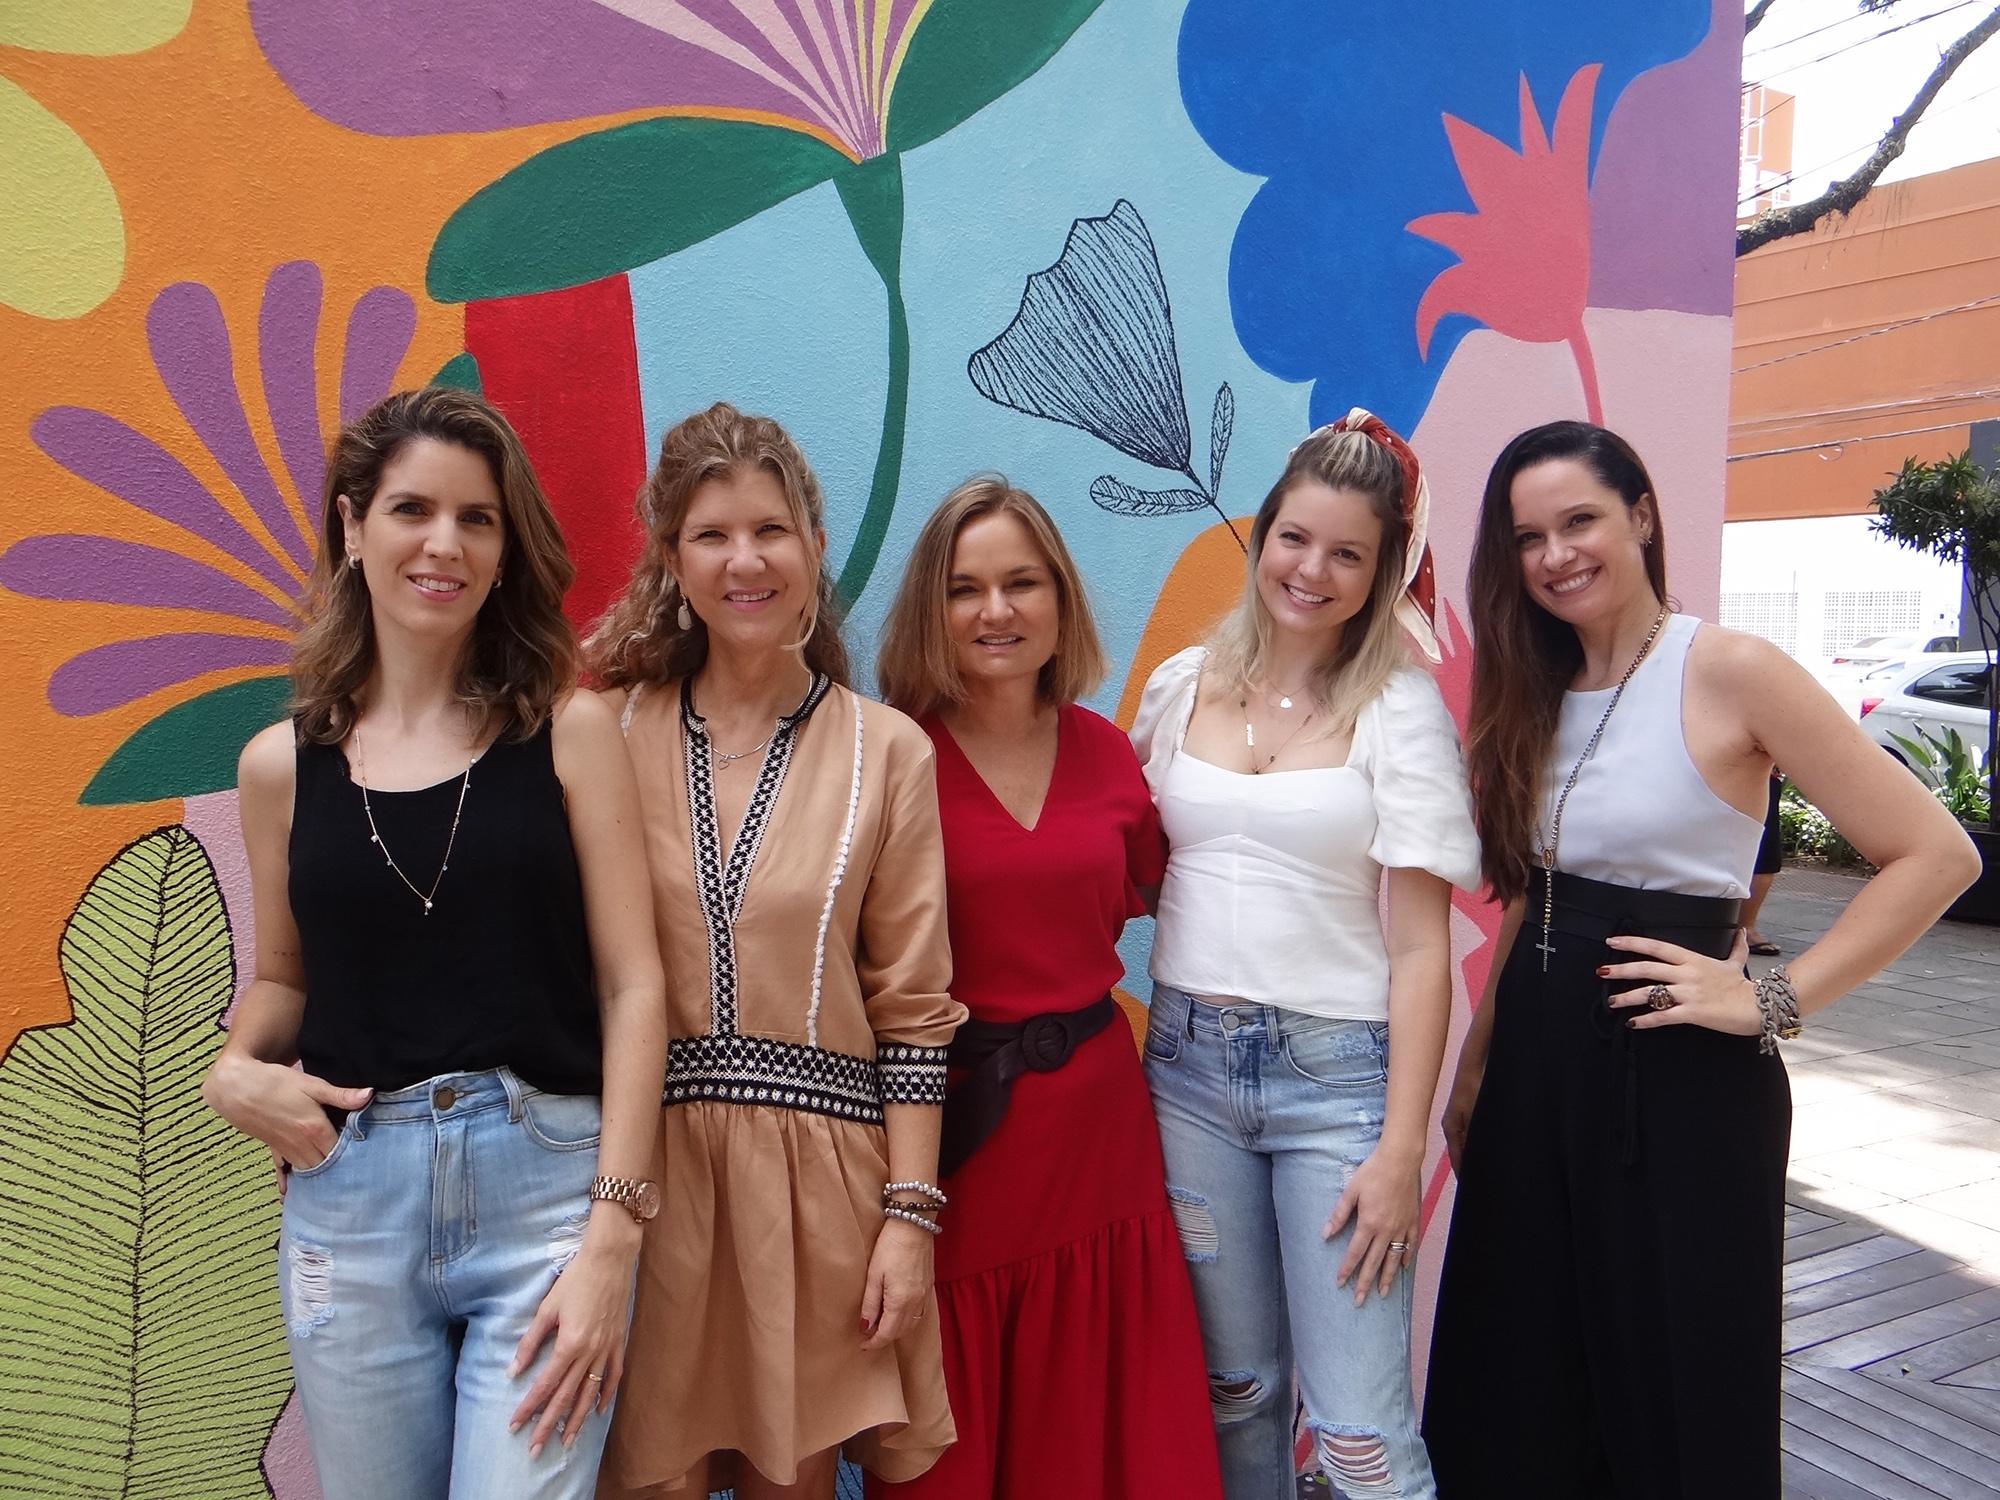 Michelle Zennig, Ana Beatriz Castro, Raquel Melo, Danielle Salles Ramos e Melyssa Viana em frente ao novo mural pintado na Esquina Bargain, na Praia do Canto. Foto: Divulgação